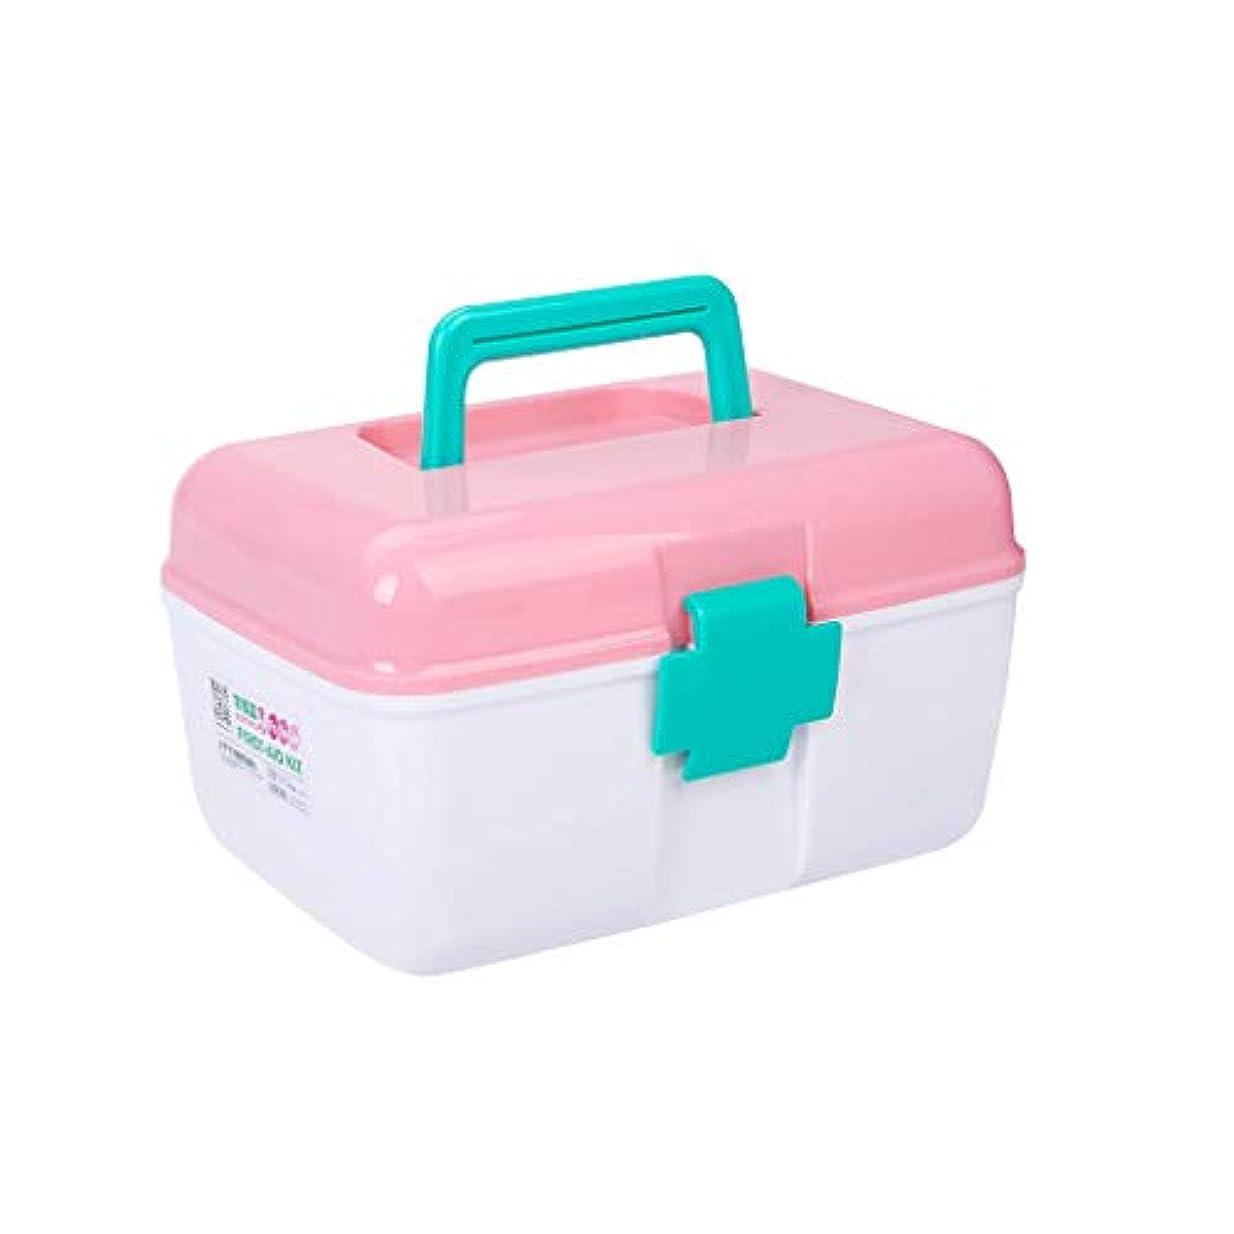 テロリスト苦情文句マトンIUYWL プラスチック製の応急処置キット、家庭用薬箱、多層薬保管箱、多機能薬保管箱 (Color : Pink)